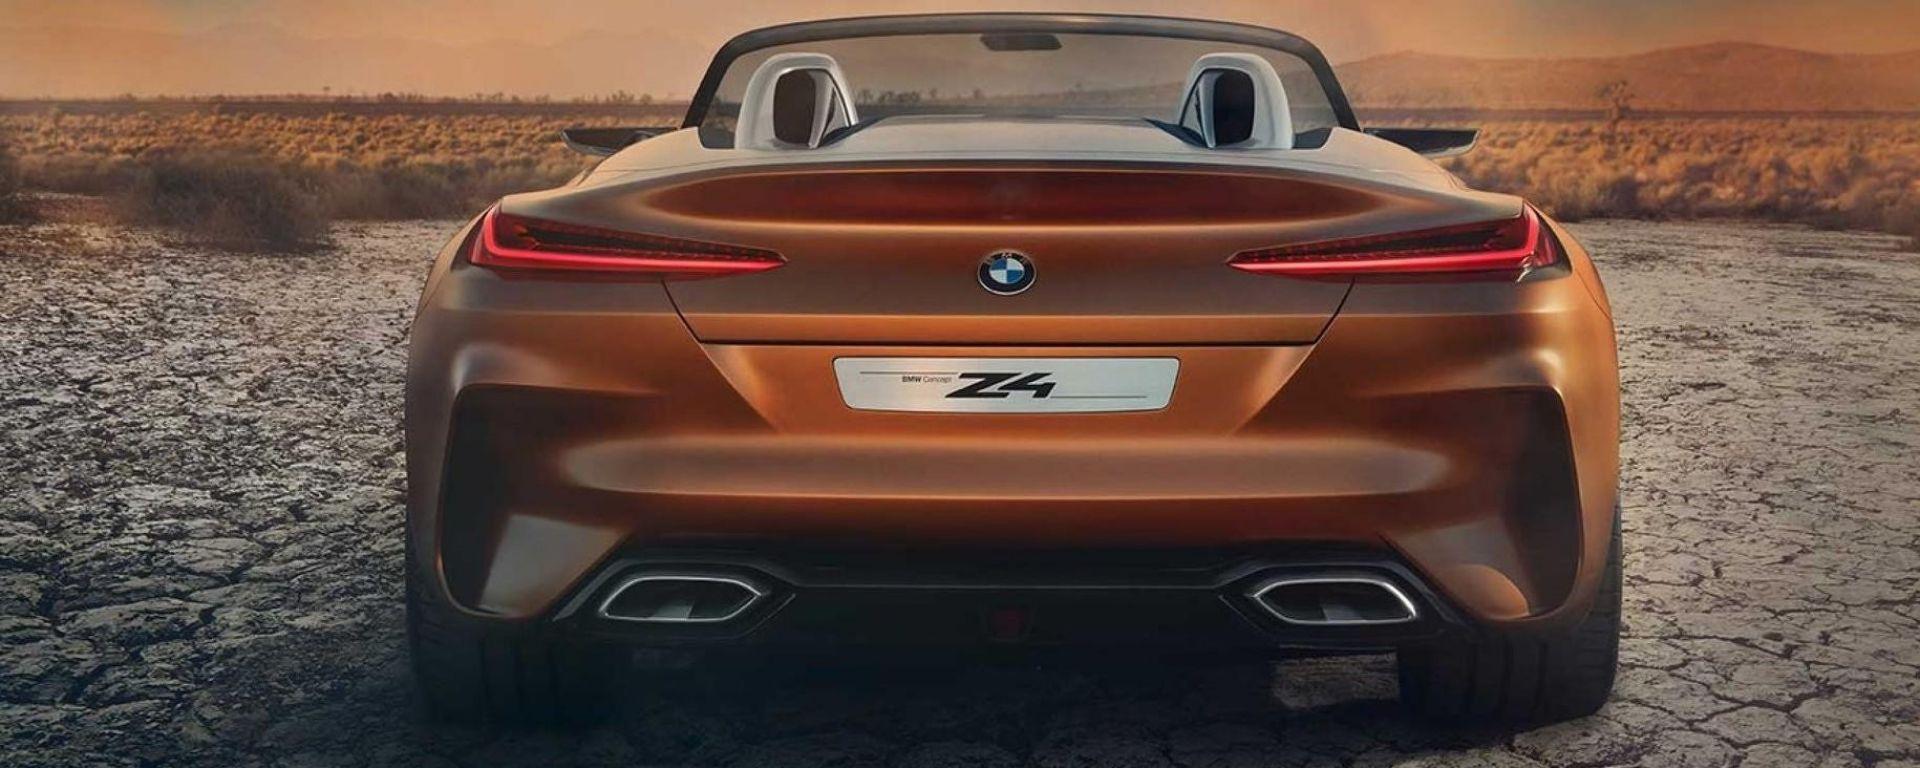 Nuova BMW Z4 2019, tutto quello che sappiamo già